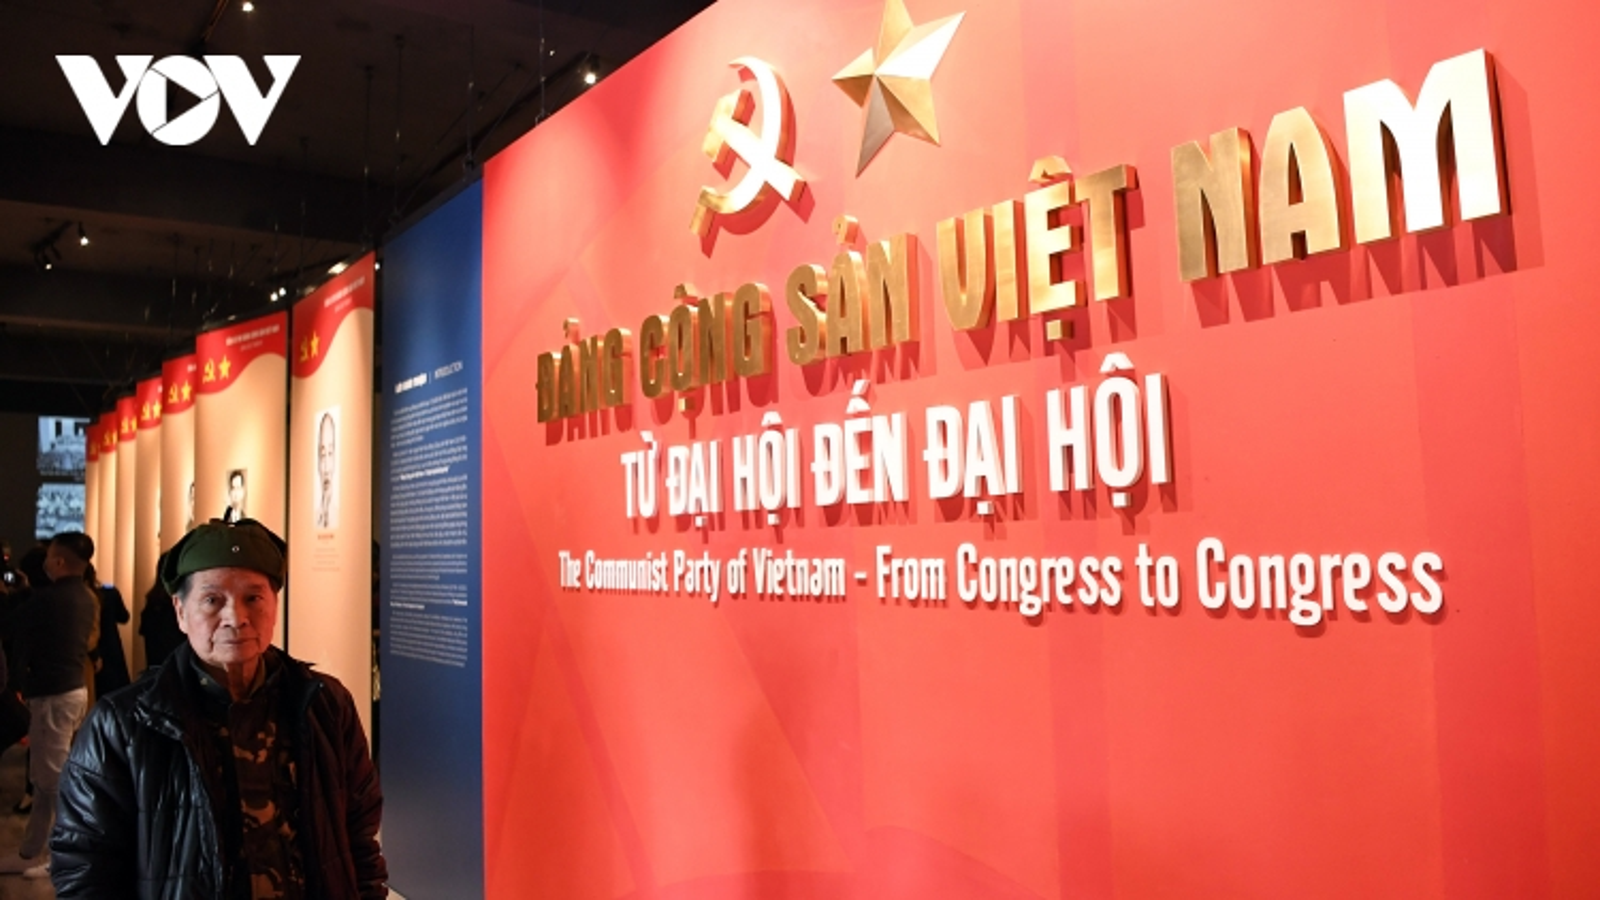 Đảng Cộng sản Việt Nam - Từ đại hội đến đại hội